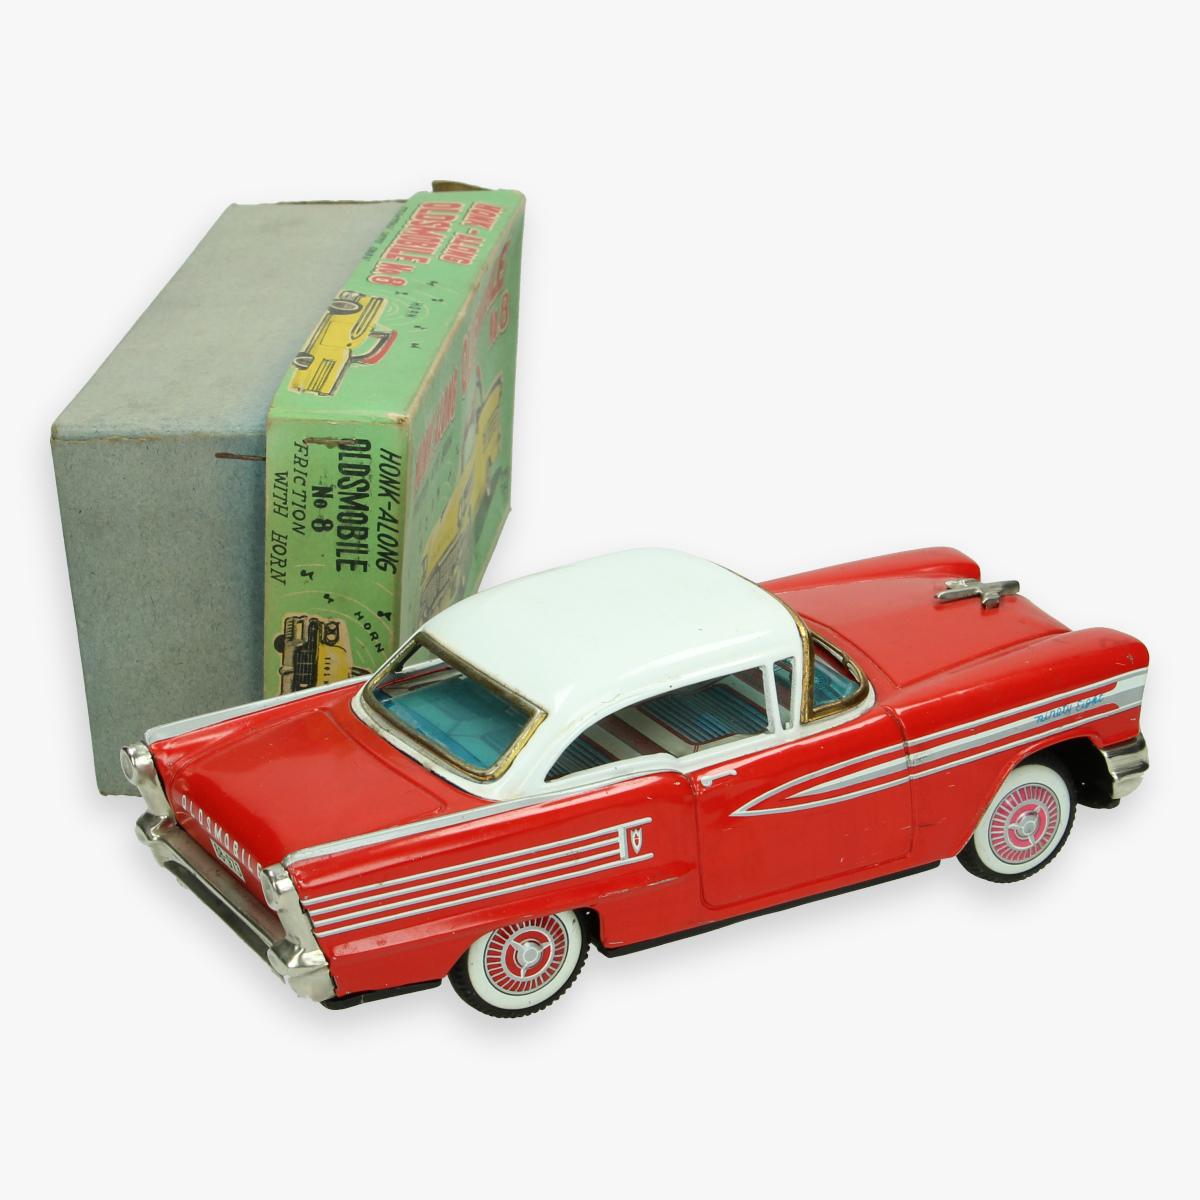 Afbeeldingen van honk along oldsmobile tin toy mib. jaren 50 ichiko made in Japan